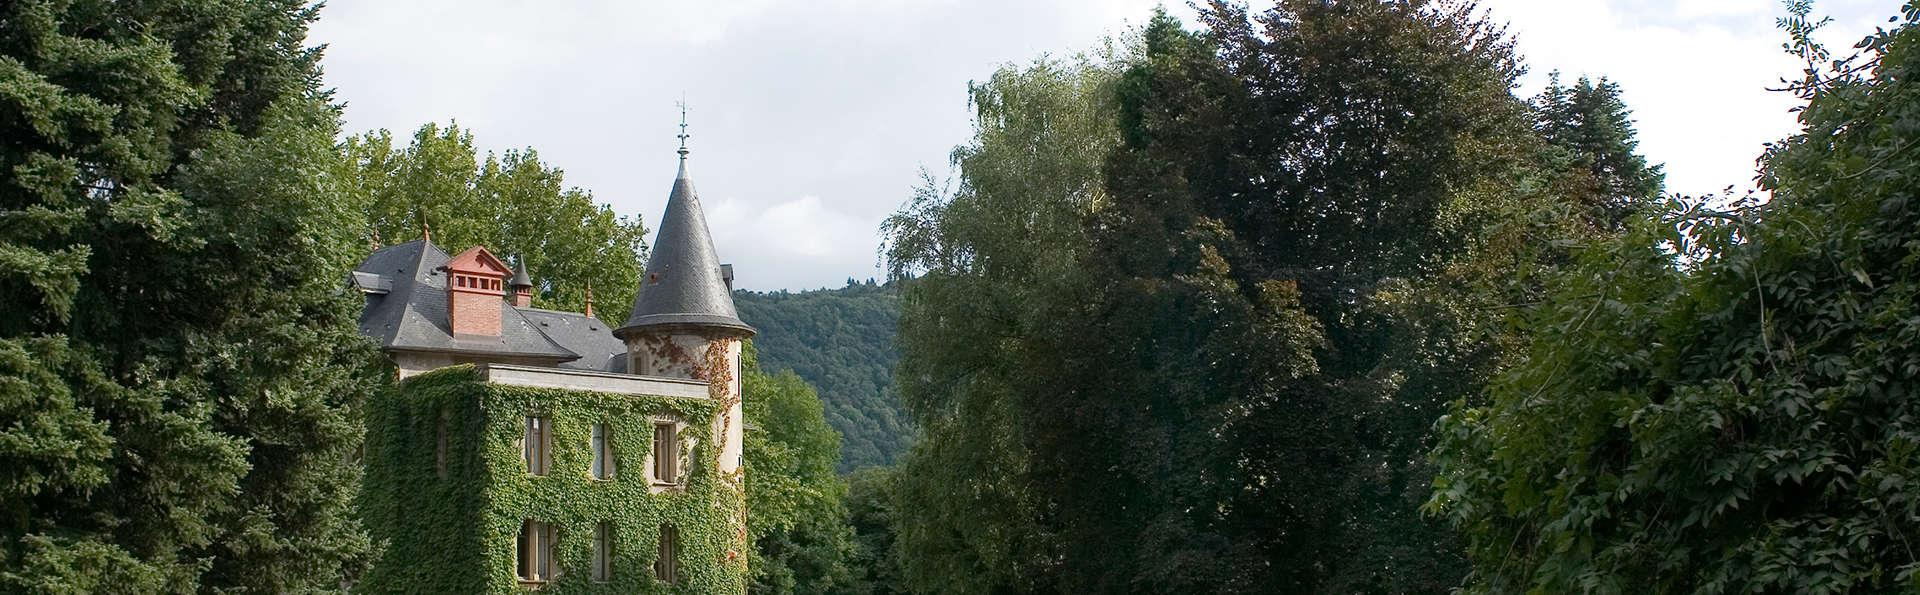 Escapade culinaire et nuit au Château, au cœur de la Savoie